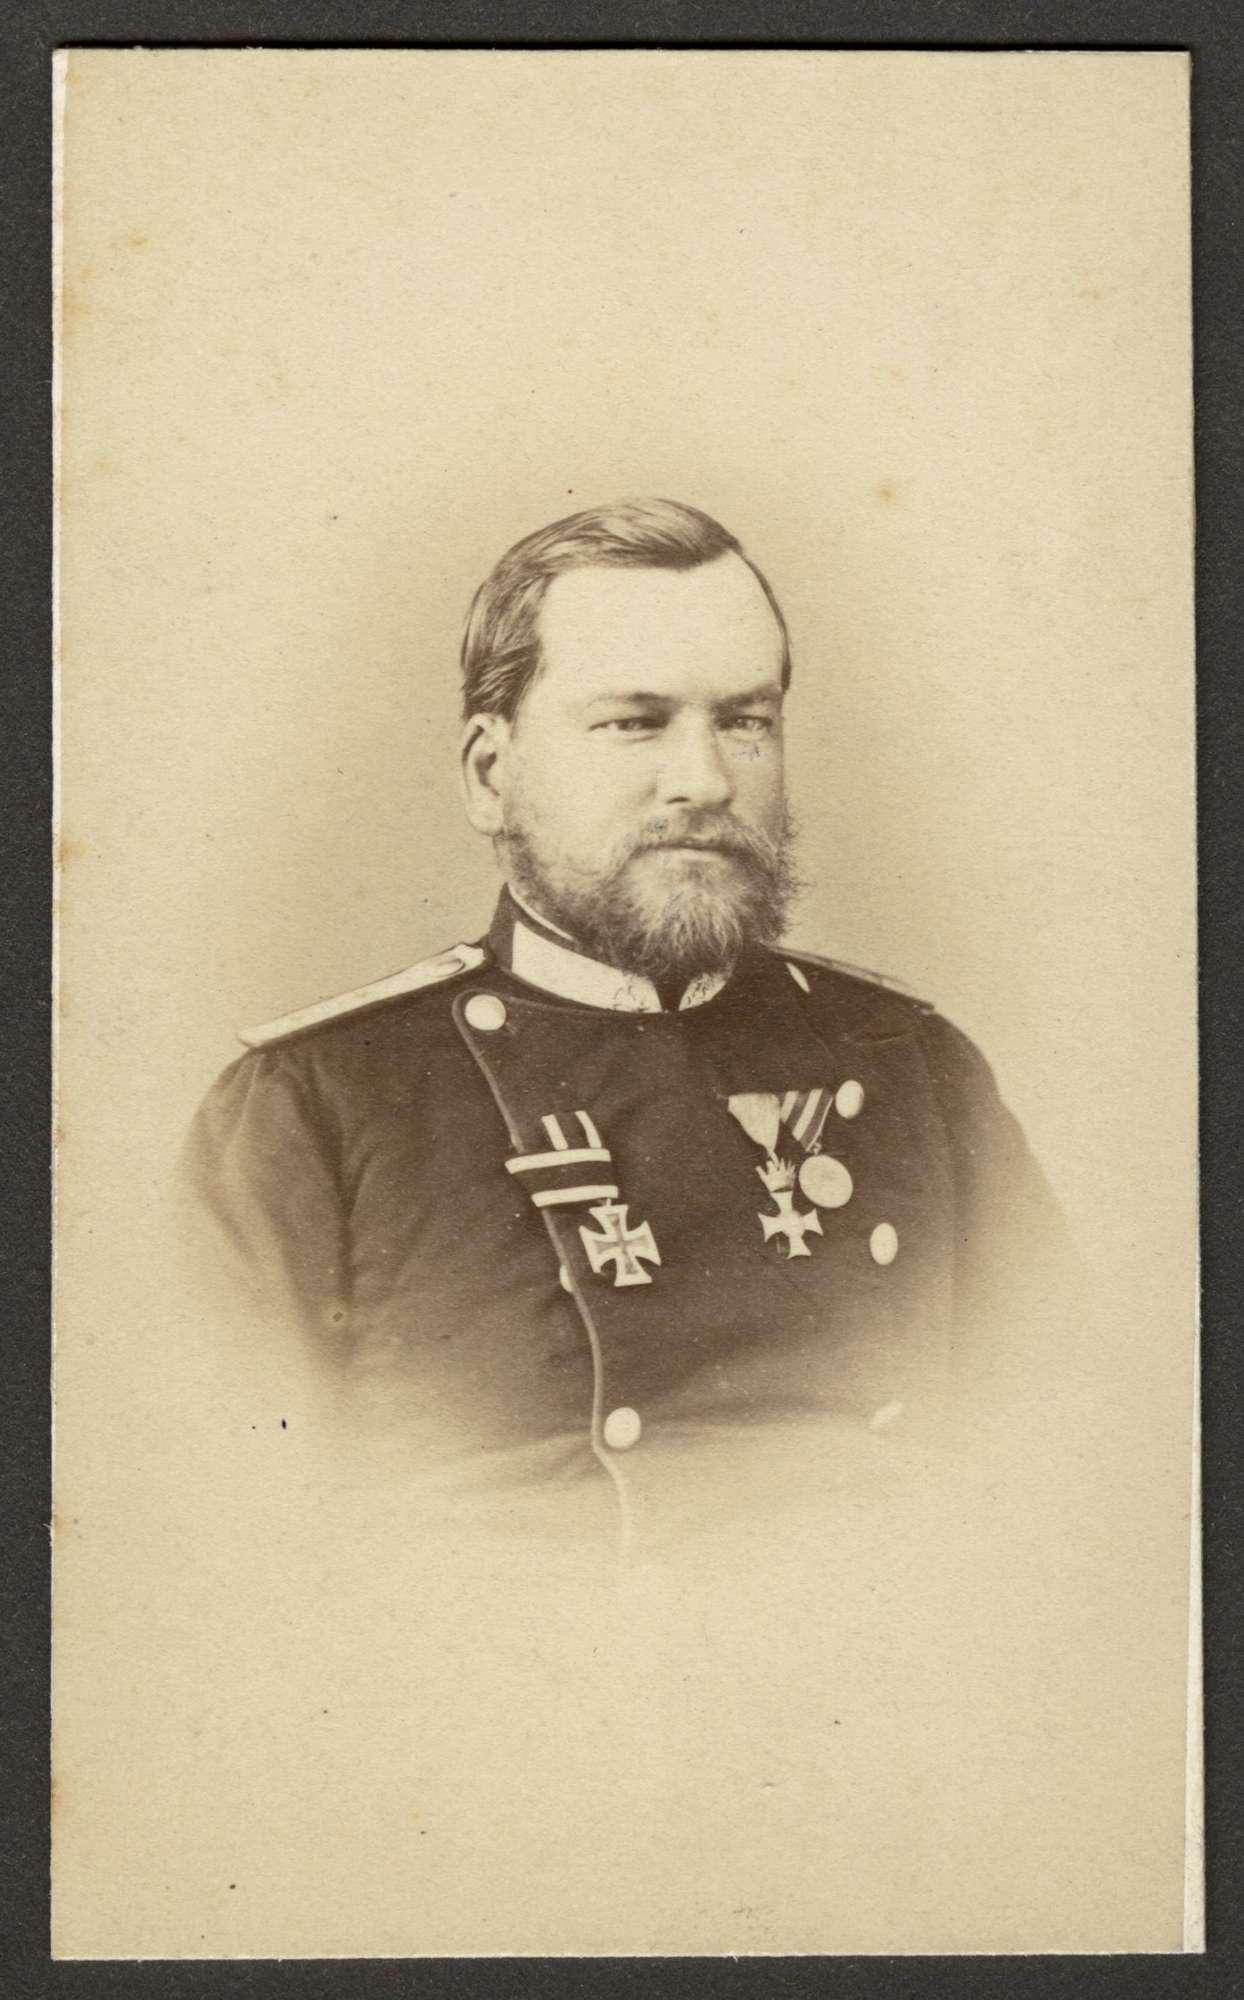 Vischer, Karl Theodor von, Bild 1